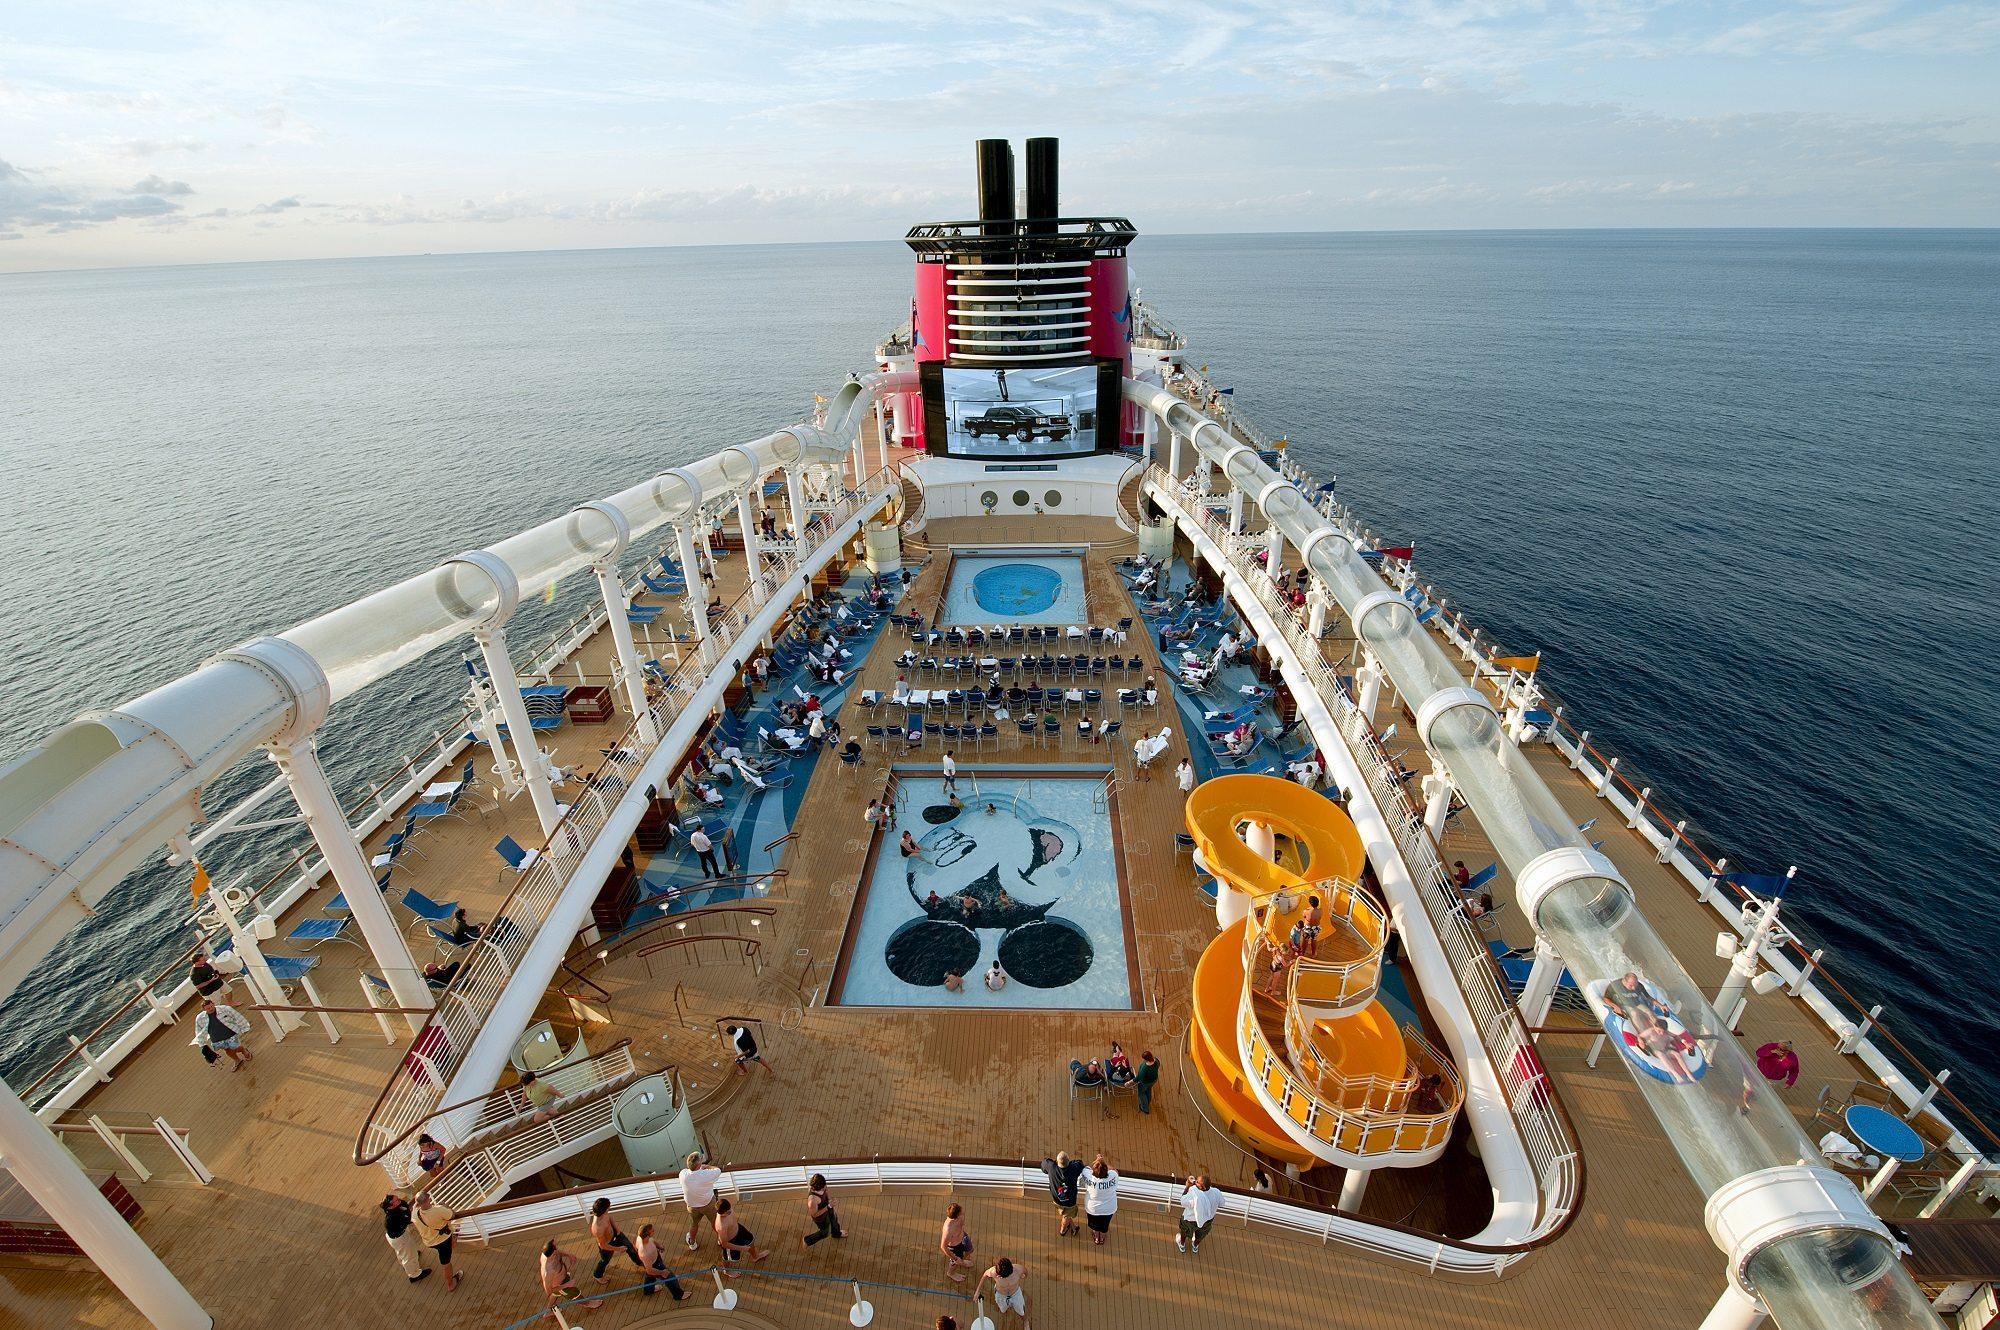 Crucero De Disney Llega A Costa Rica Revista Summa